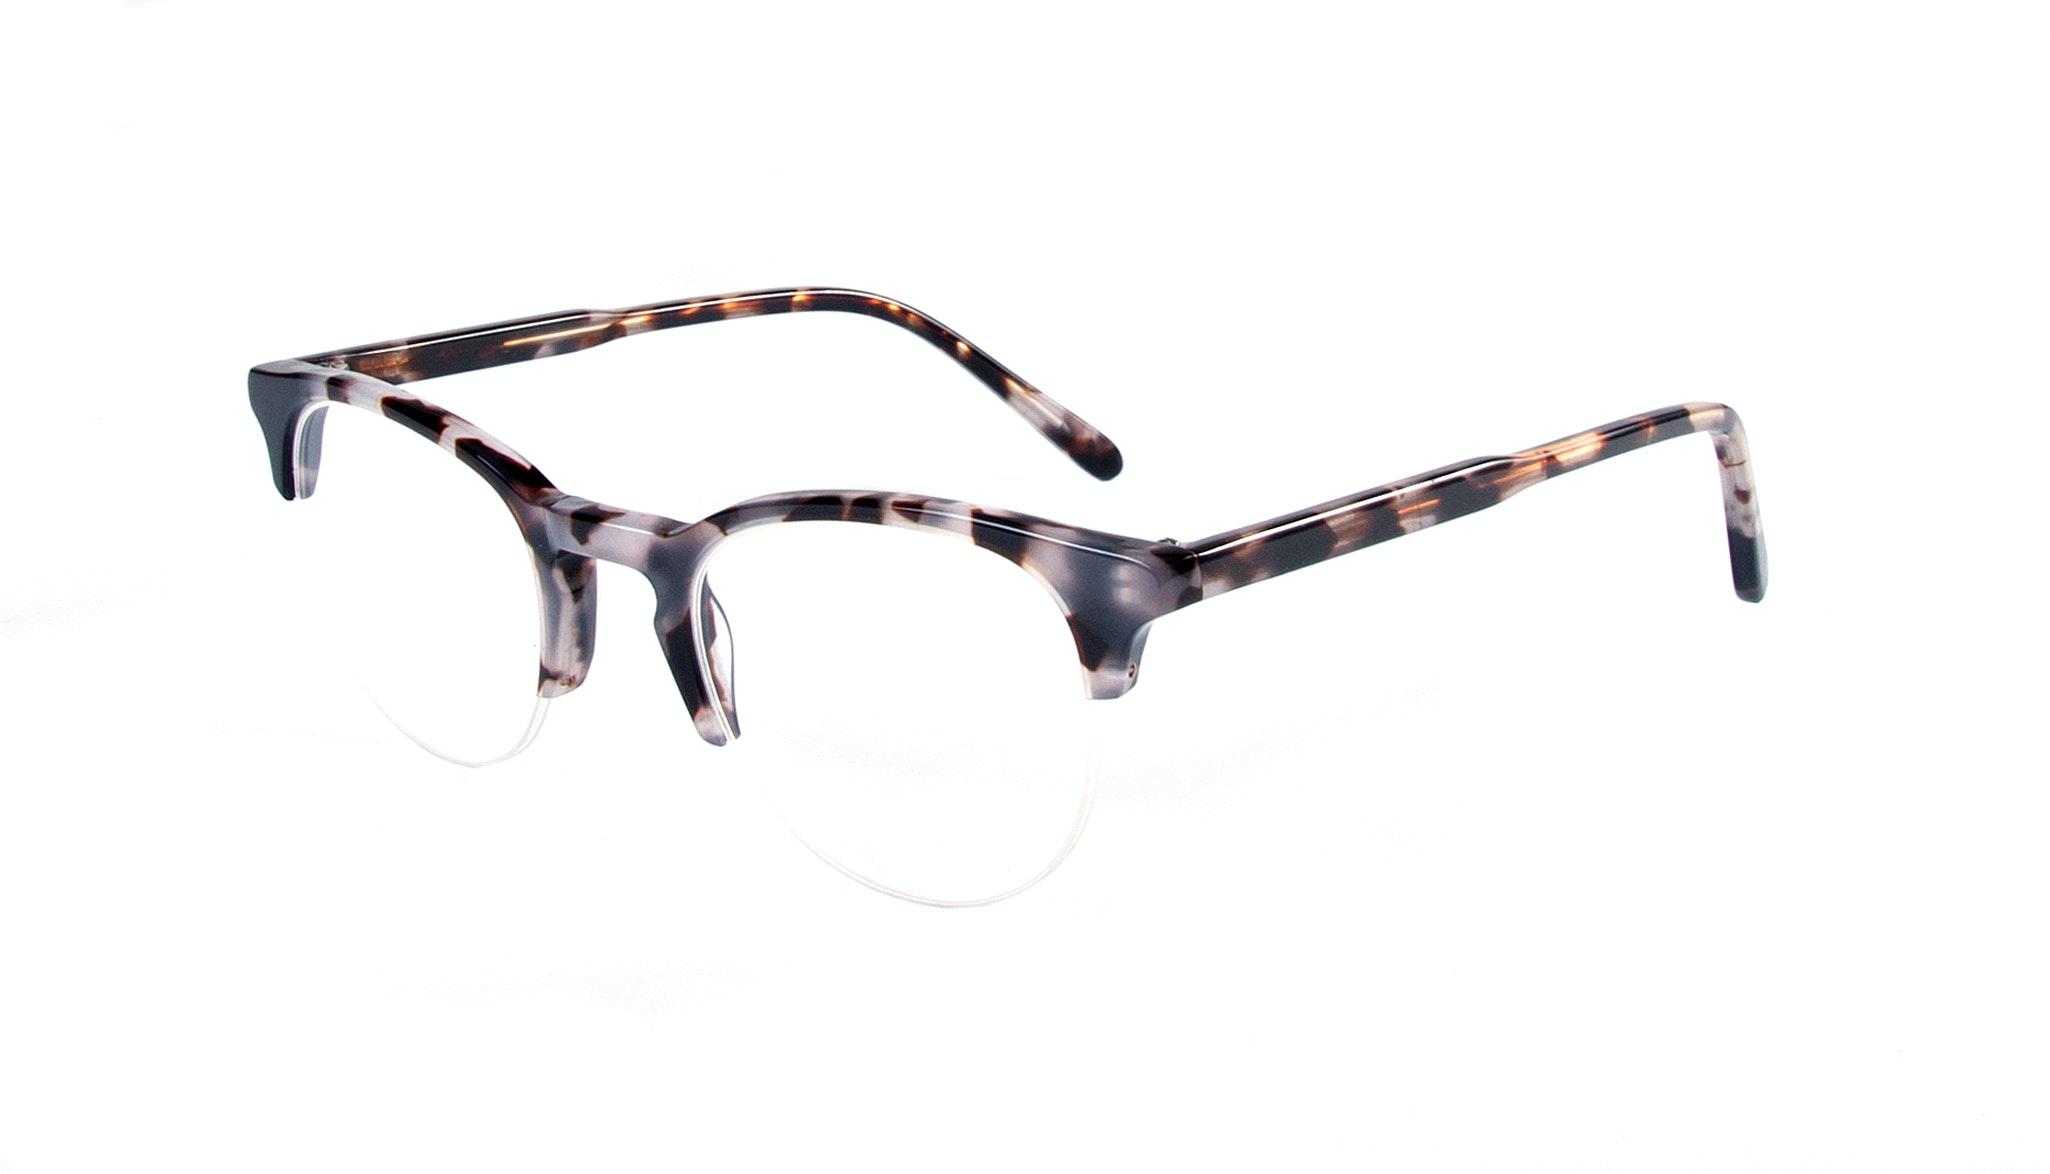 Affordable Fashion Glasses Round Semi-Rimless Eyeglasses Women Cult Light Mocha Tortoise Tilt